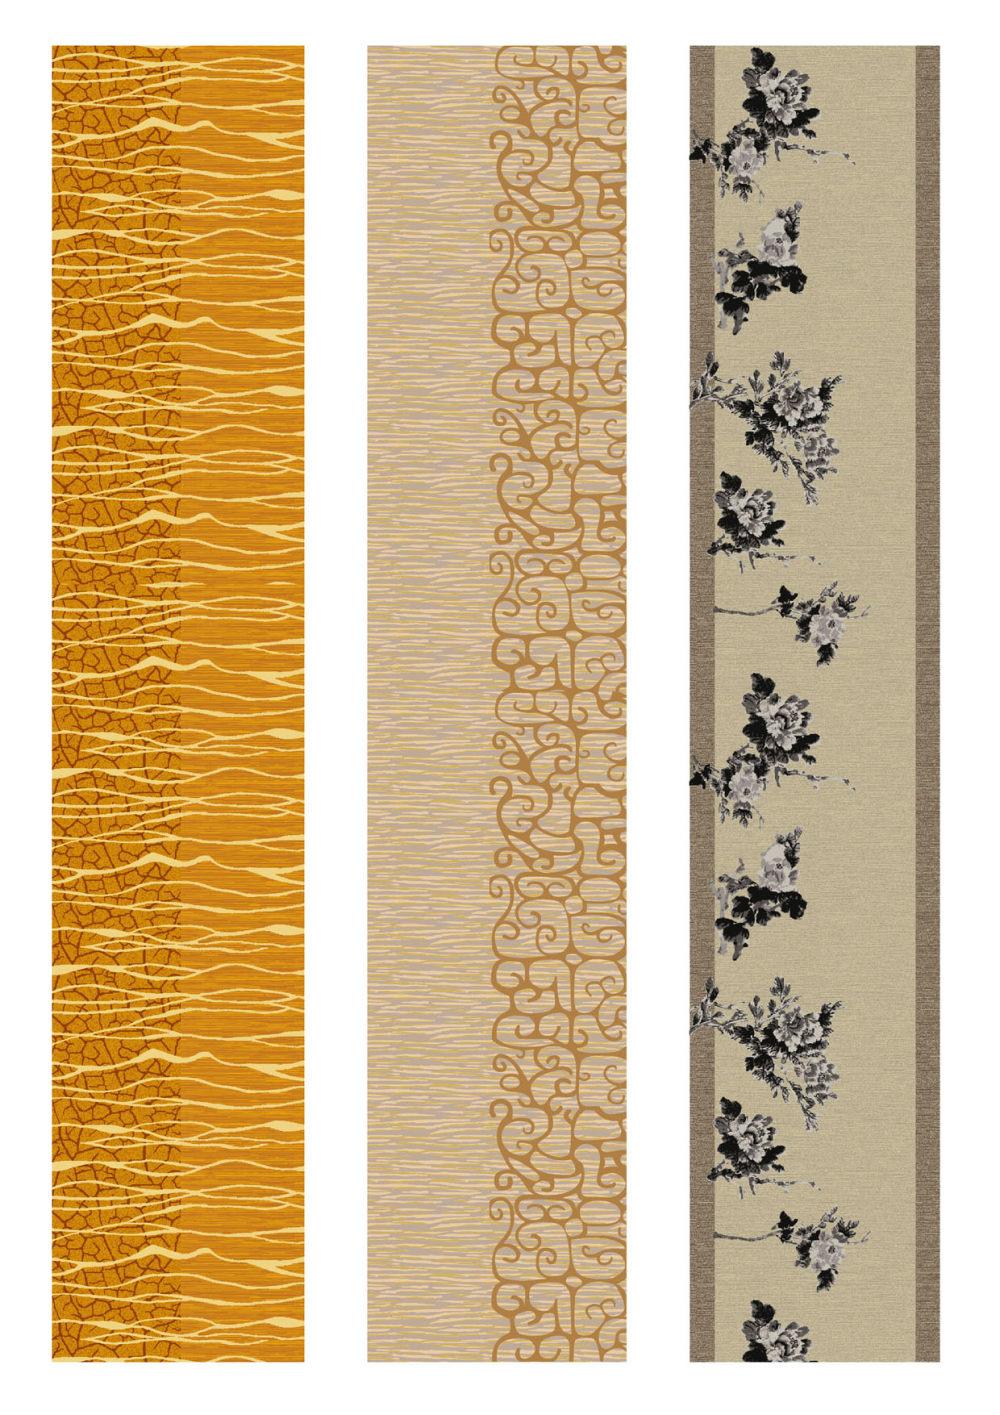 郑中(CCD)--专用地毯高清大图161P_走廊集3.jpg